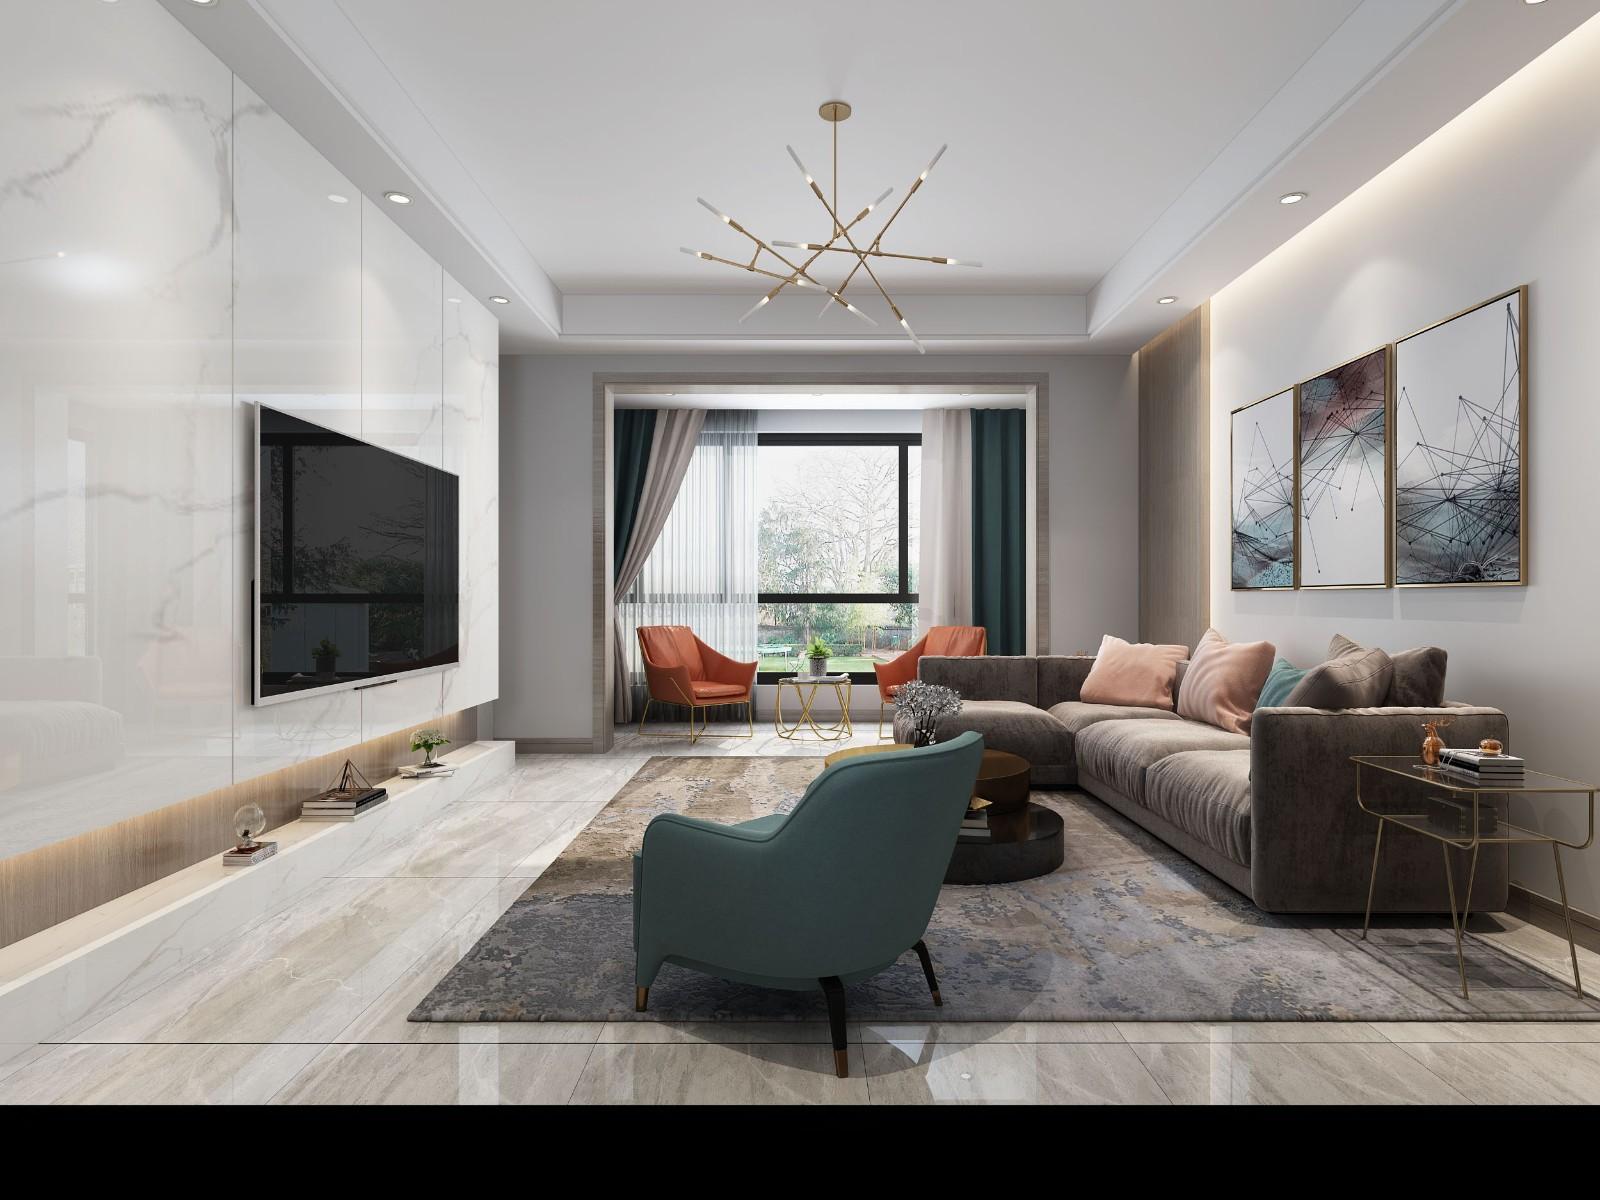 2021现代客厅装修设计 2021现代照片墙效果图